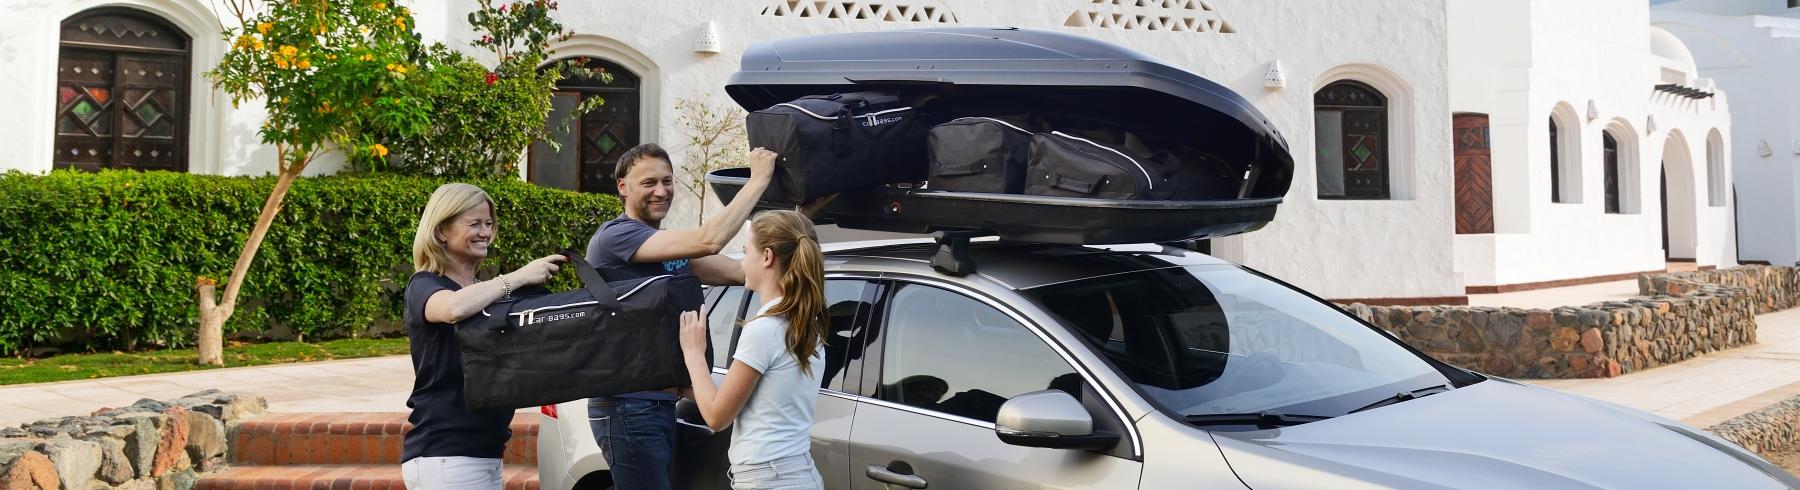 car-bags-dachboxtaschen-einpacken-sommer